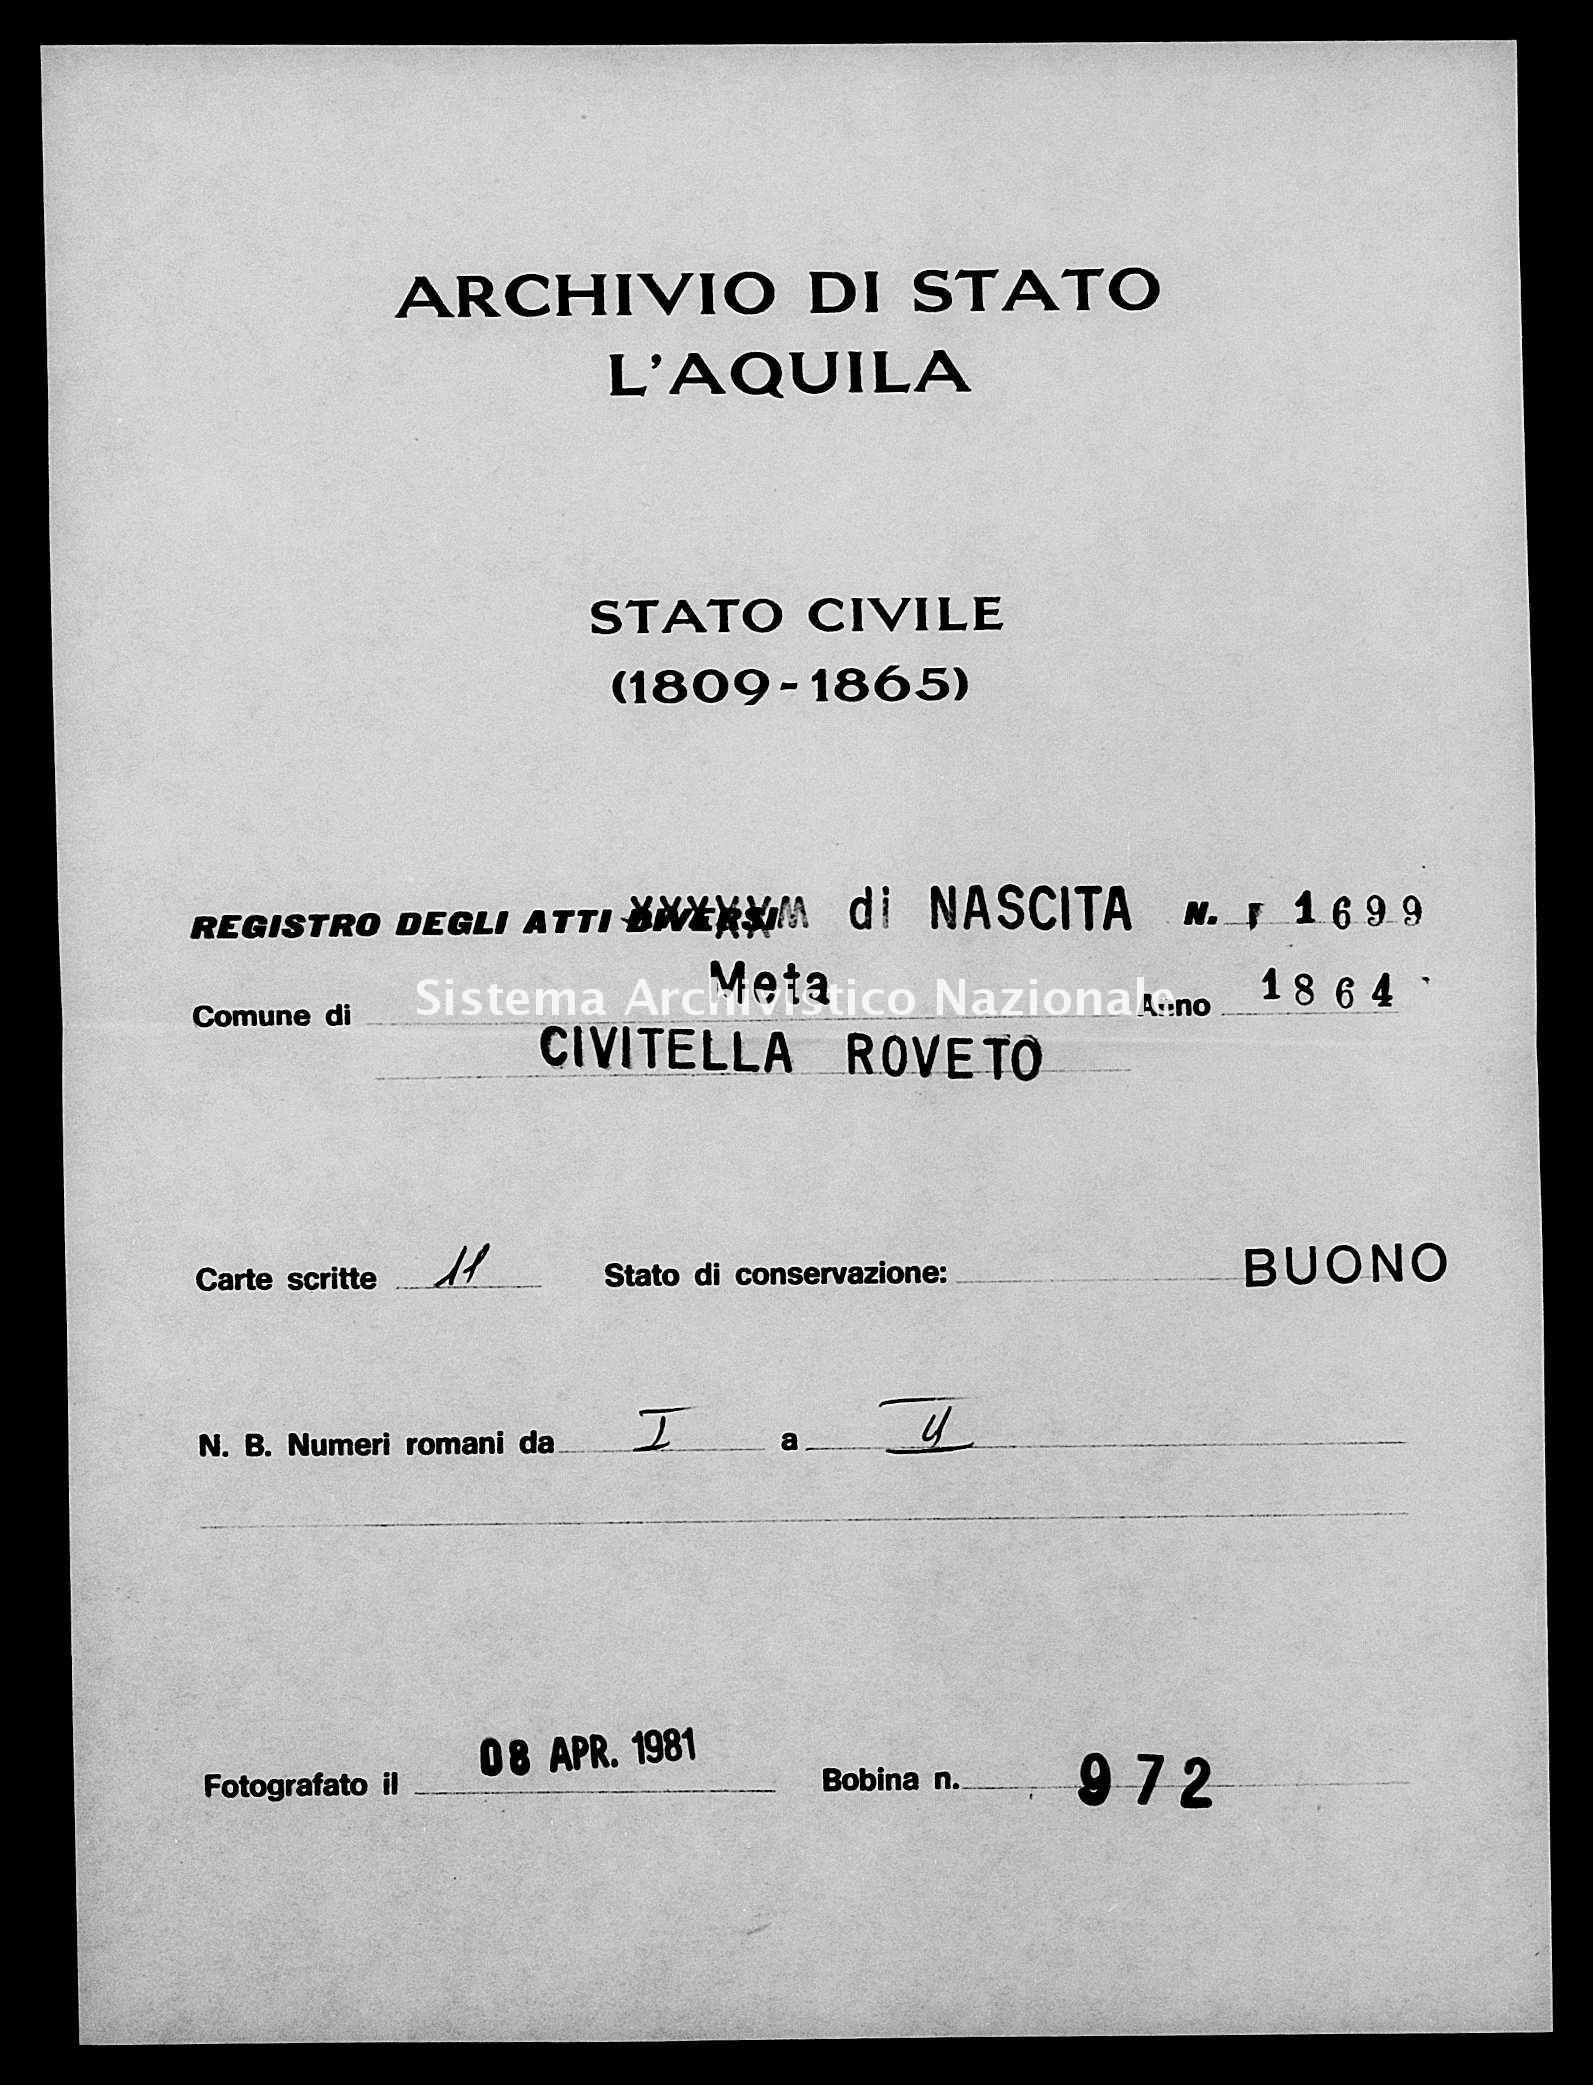 Archivio di stato di L'aquila - Stato civile italiano - Meta - Nati - 1864 - 1699 -